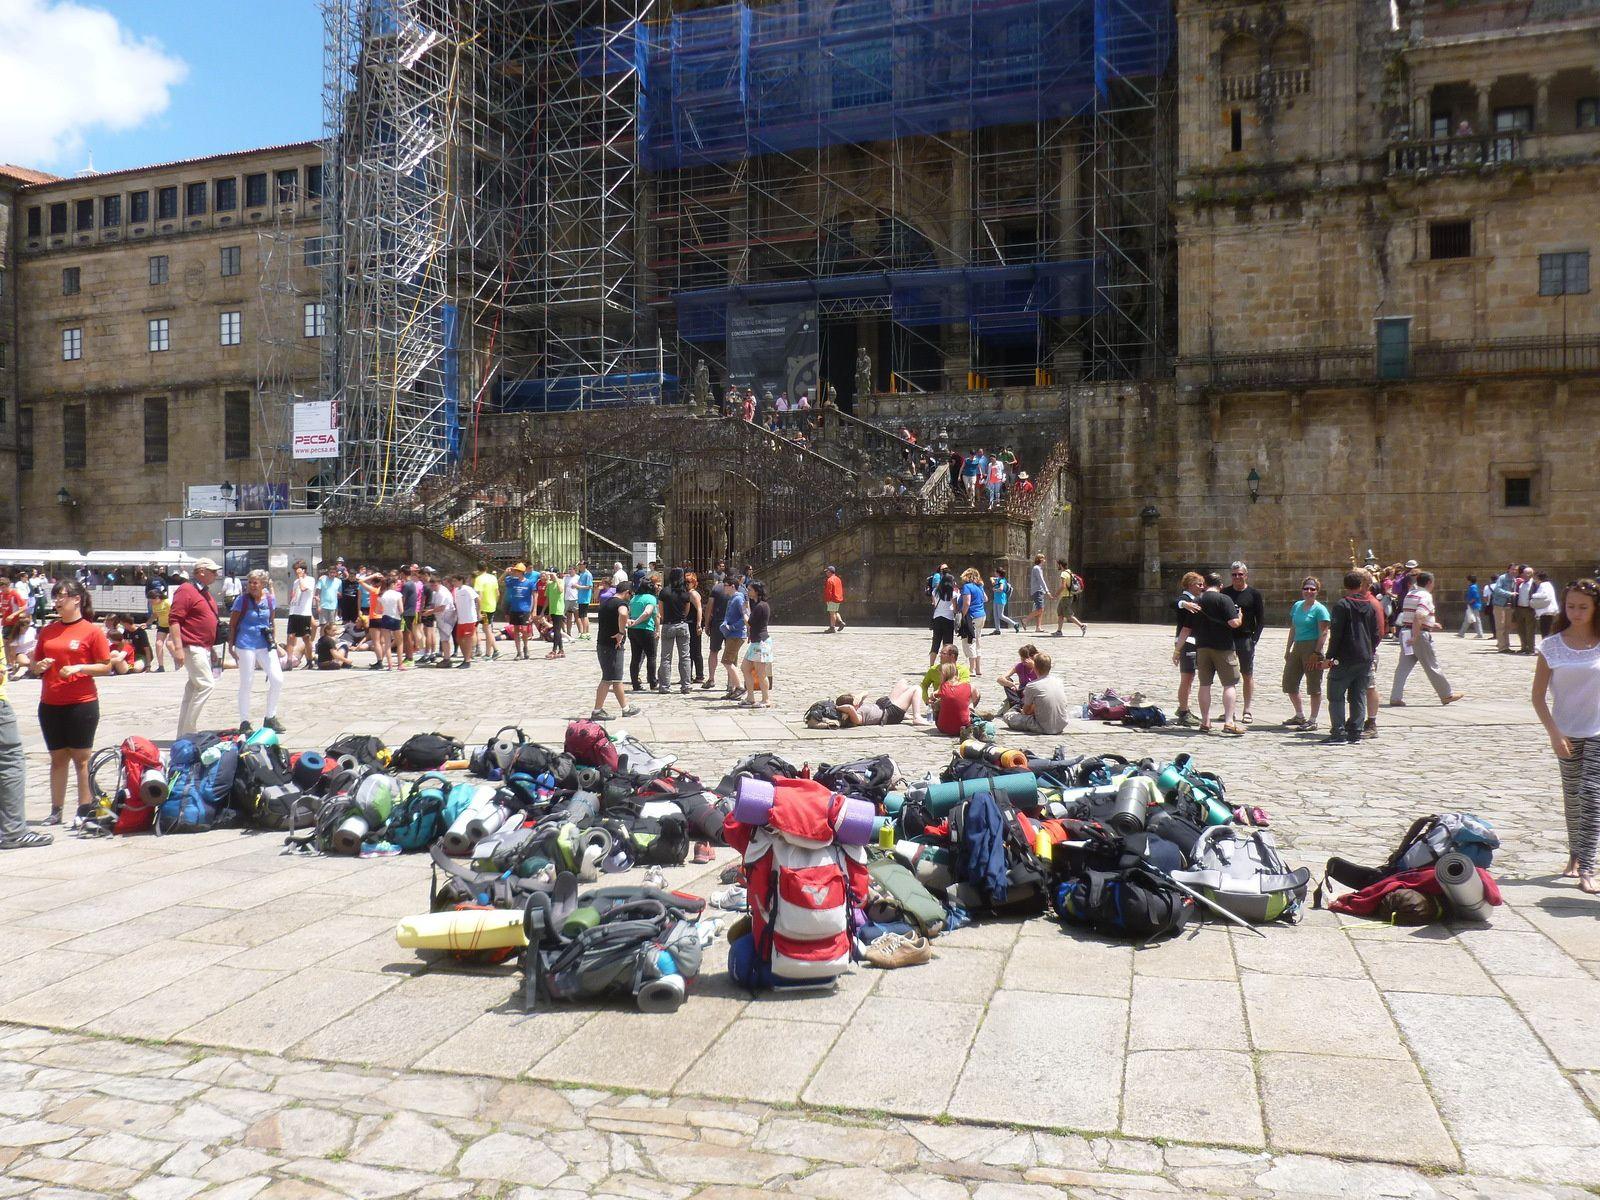 """S'armer de patience  pour """"jouir"""" de sa Compostella. Joie collective un rien excessive ! Mochillas (sacs à dos) laissés là pendant une prière à Saint Jacques ?"""